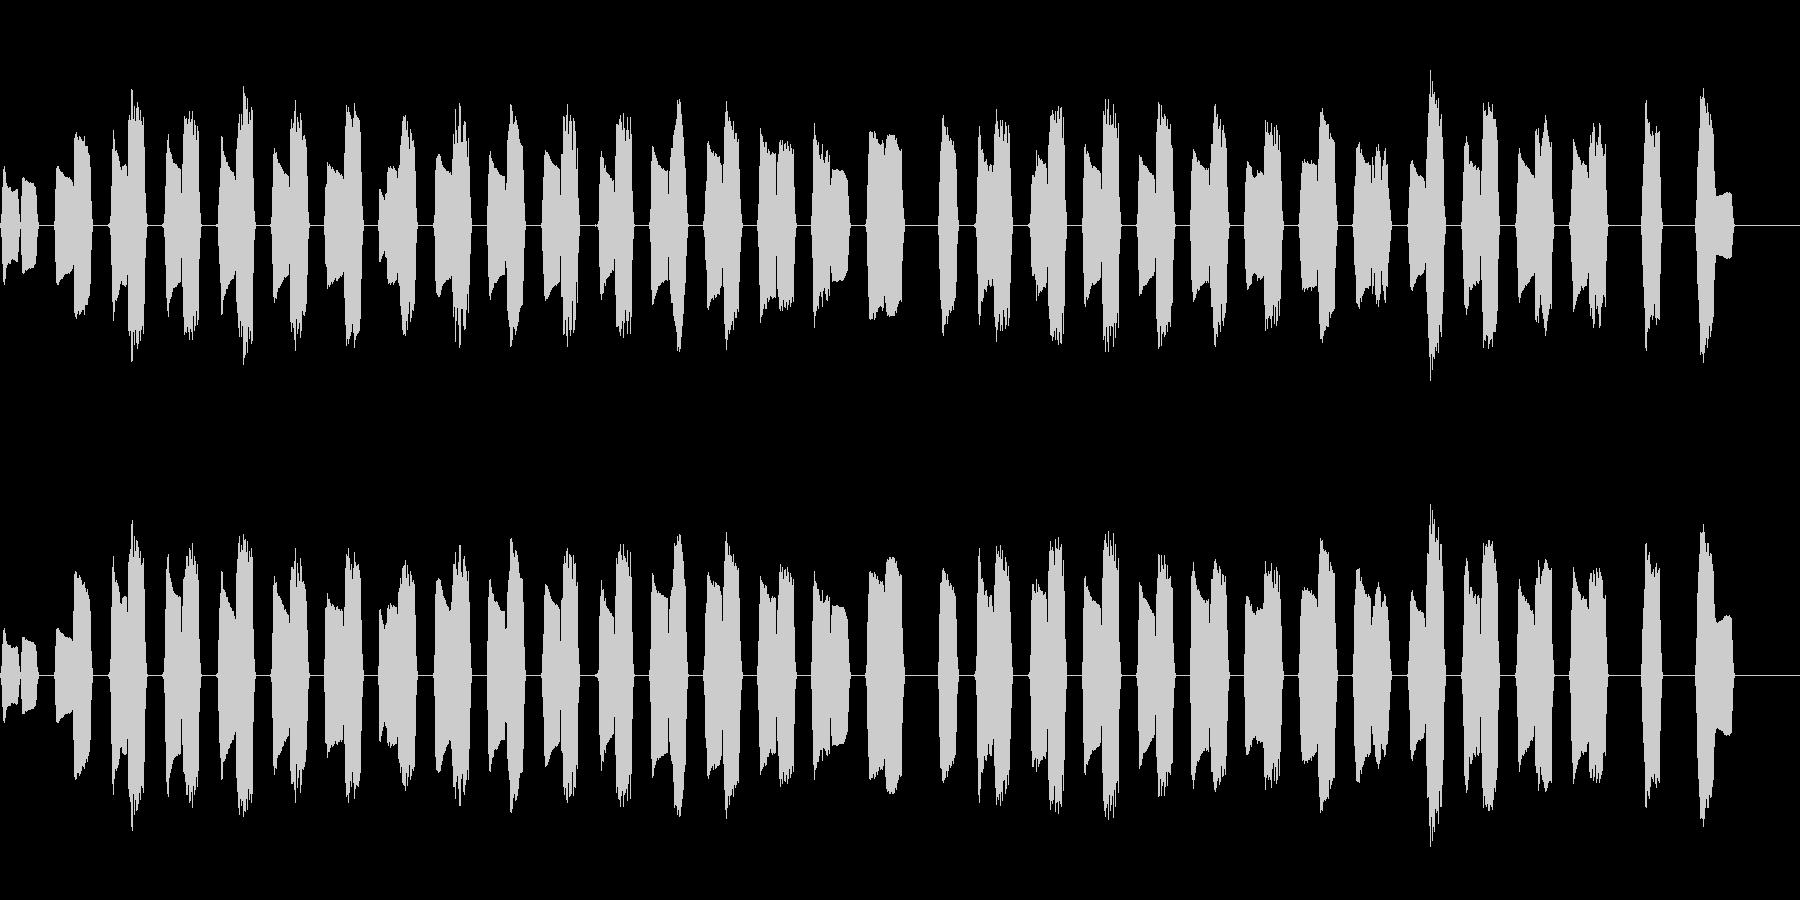 ピタゴラスイッチ風のほっこりしたBGMの未再生の波形